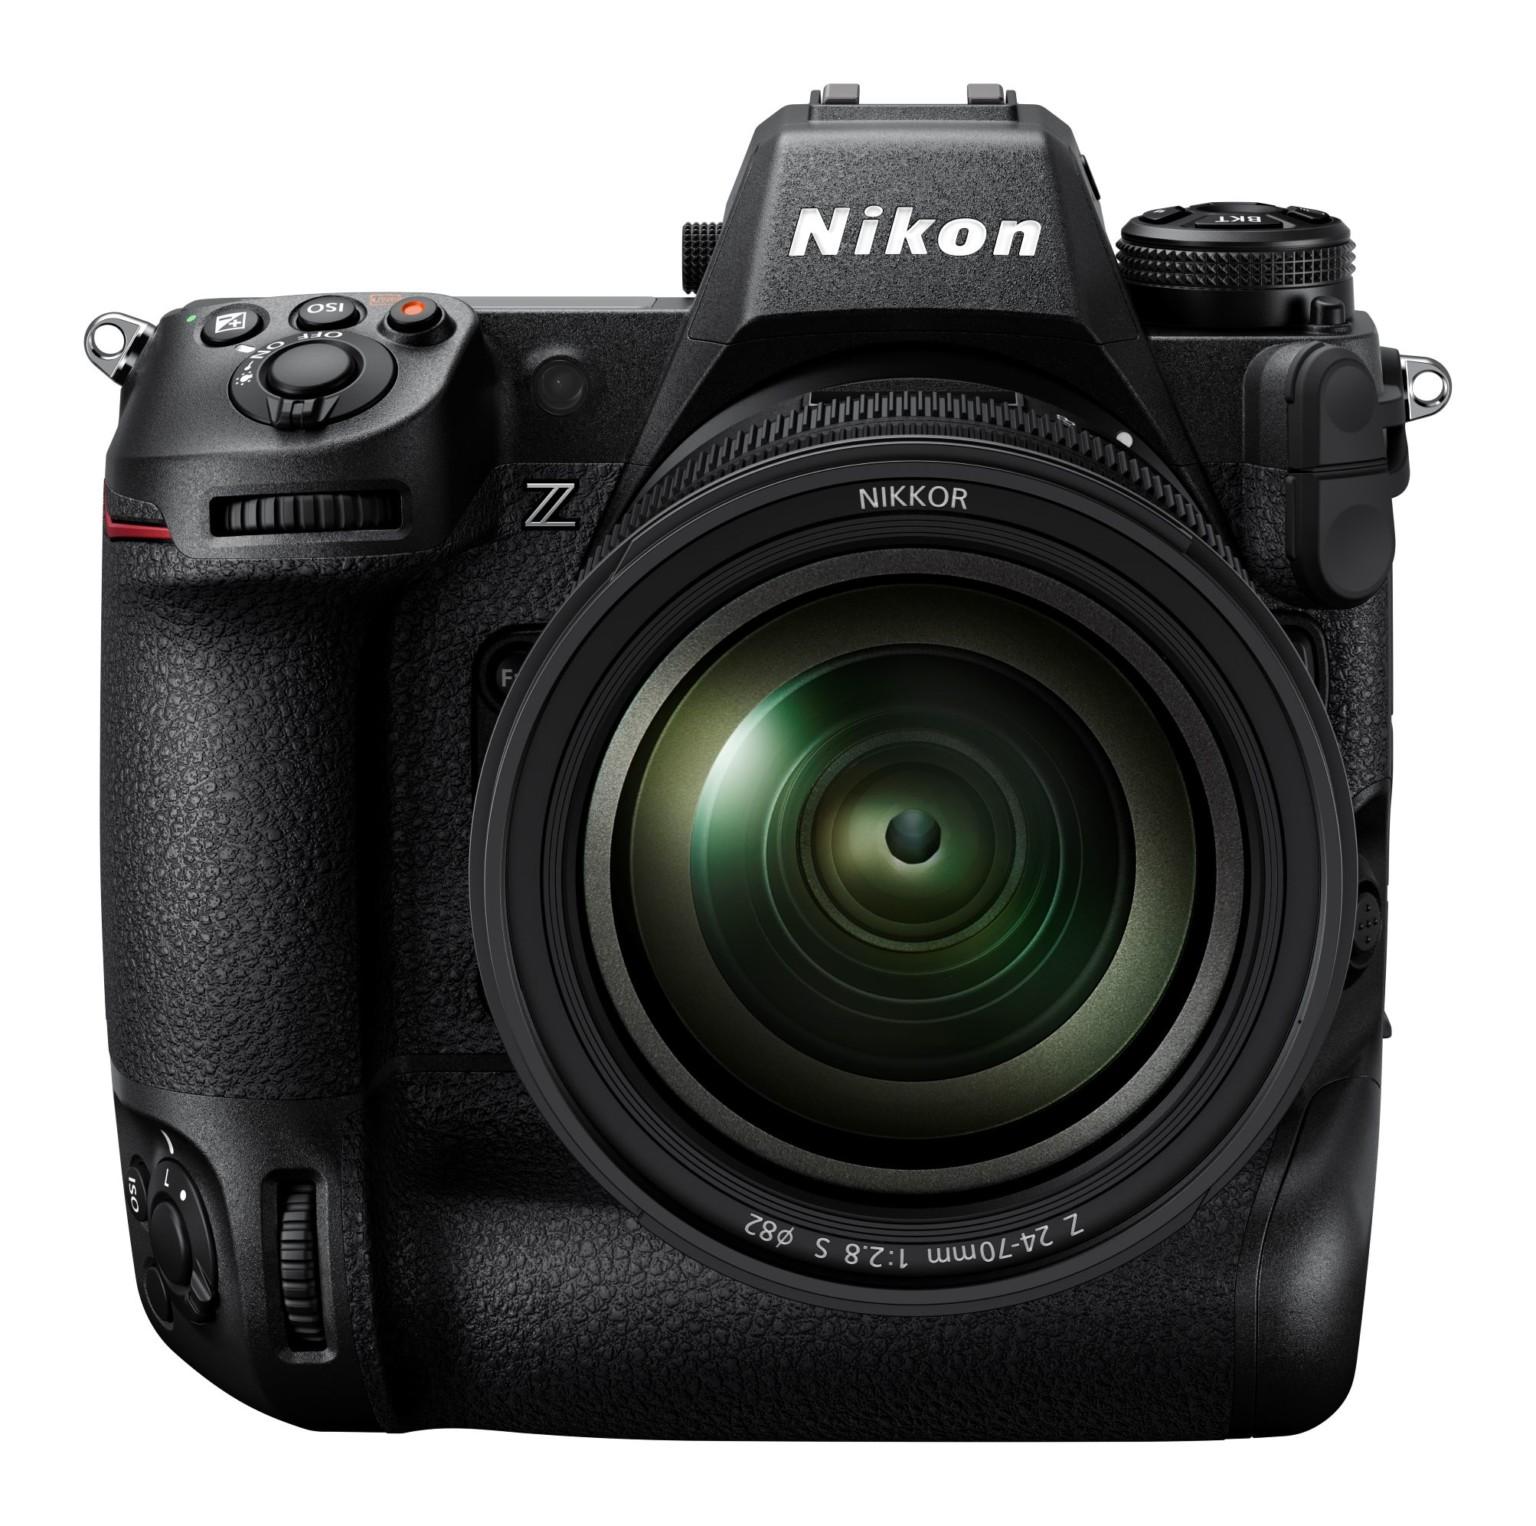 Nikon xác nhận đang phát triển máy ảnh Full Frame flagship Z9